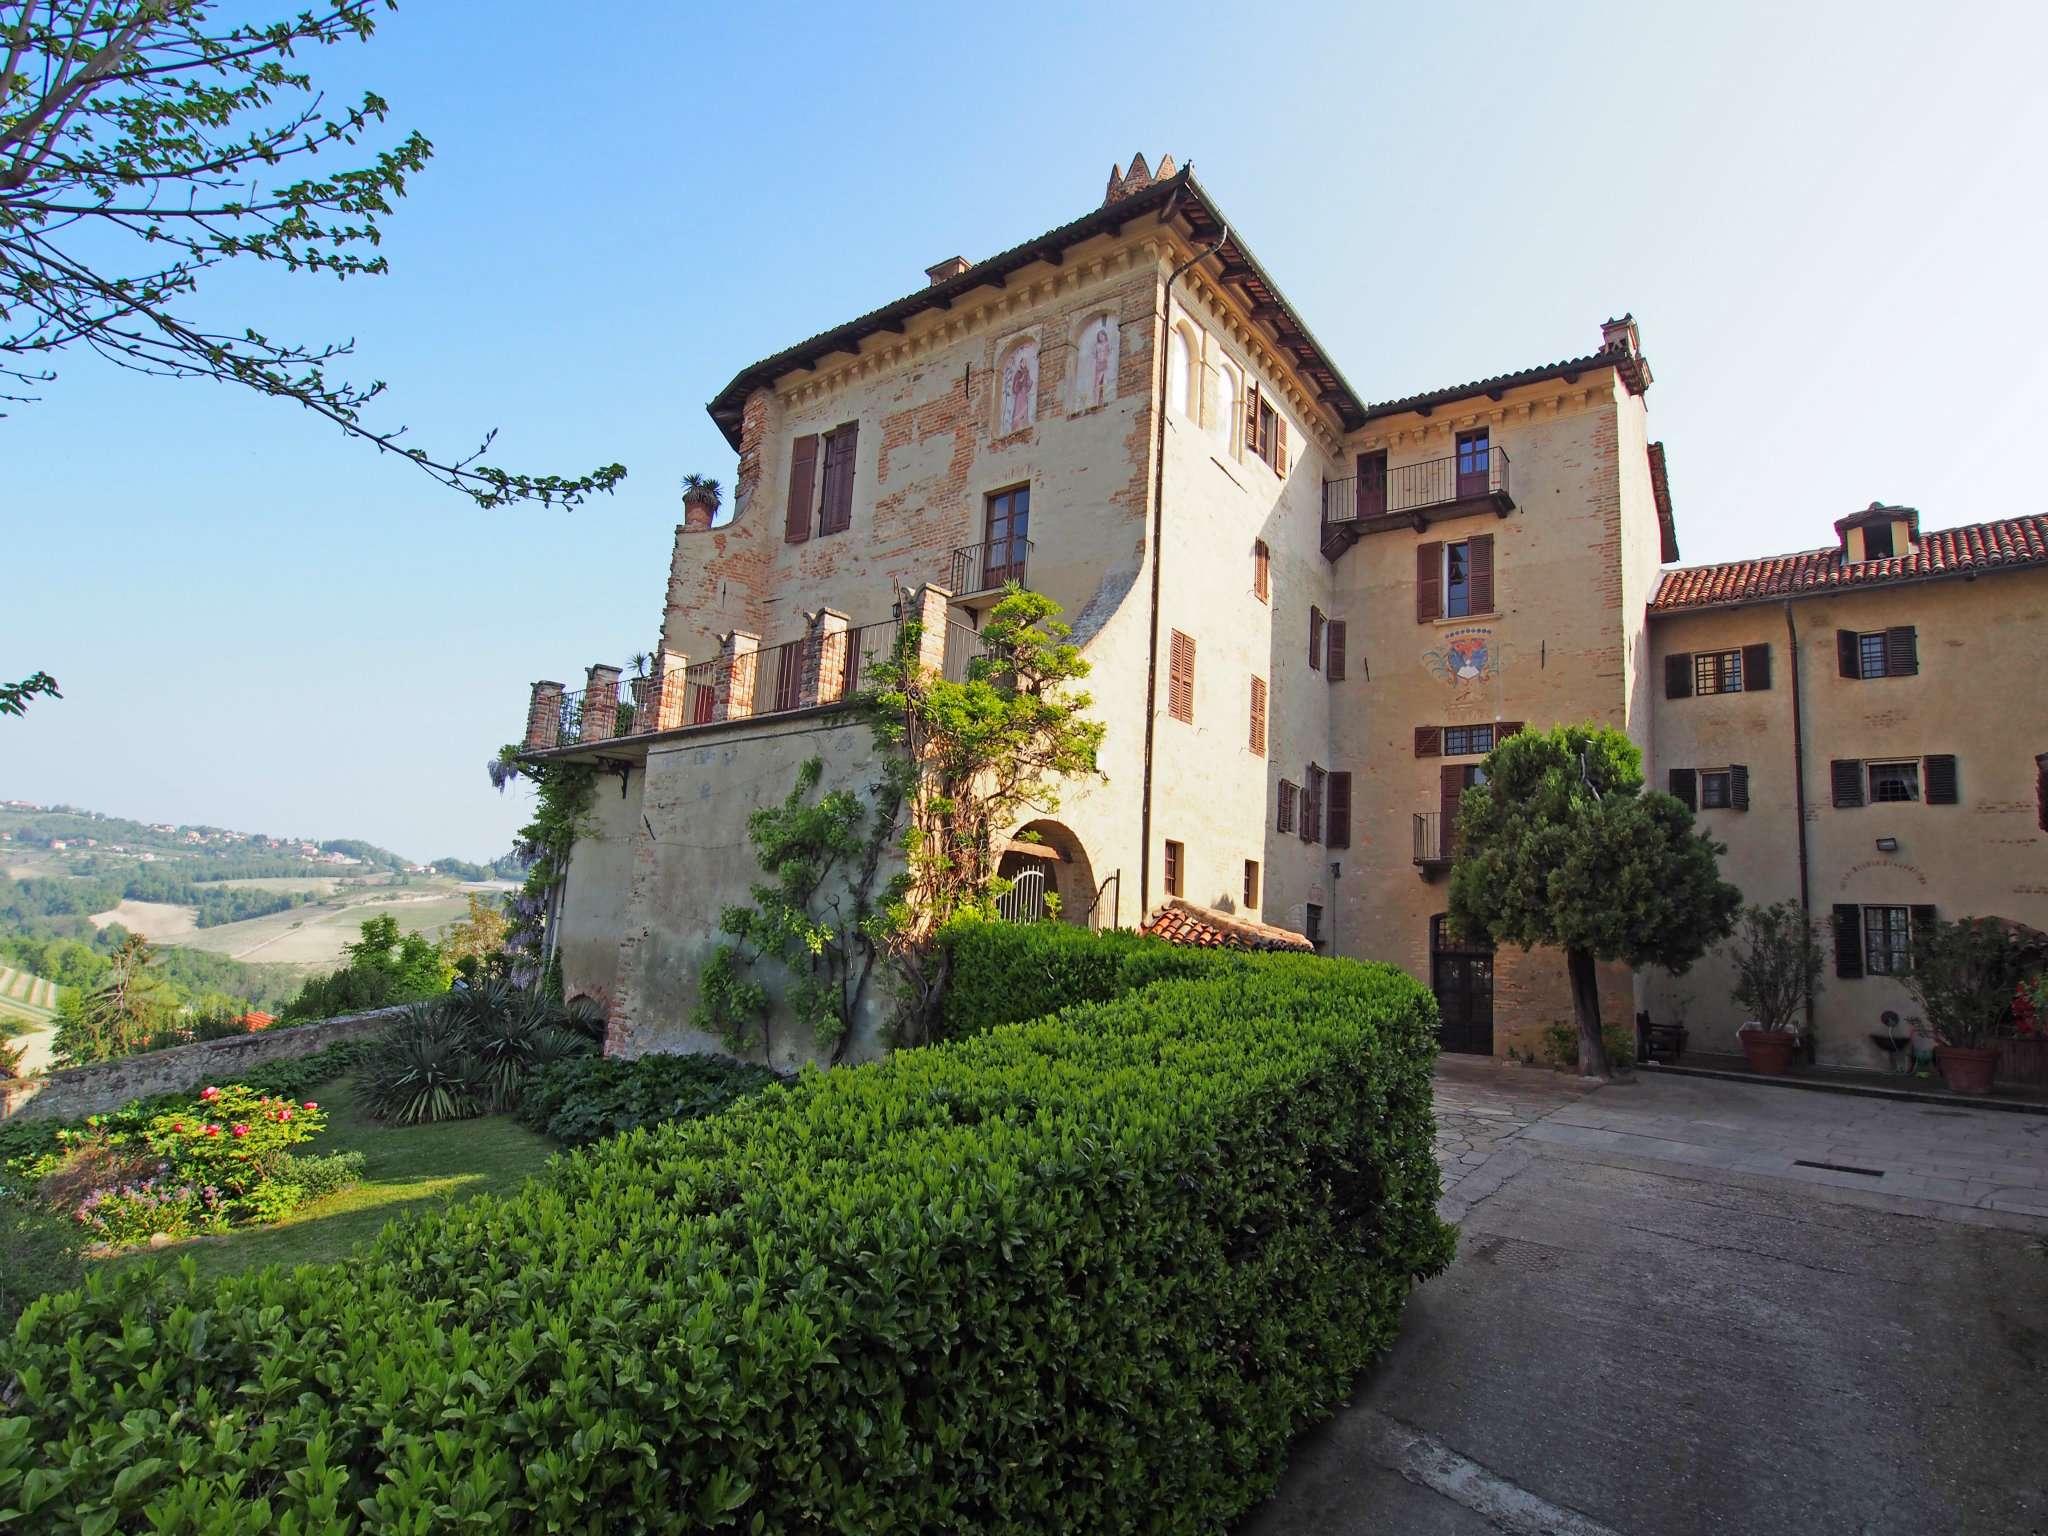 Immagine immobiliare Prestigiosa Dimora Nobiliare sulla collina di Pino d'Asti, di origini medievali. Complesso immobiliare, più noto anche come